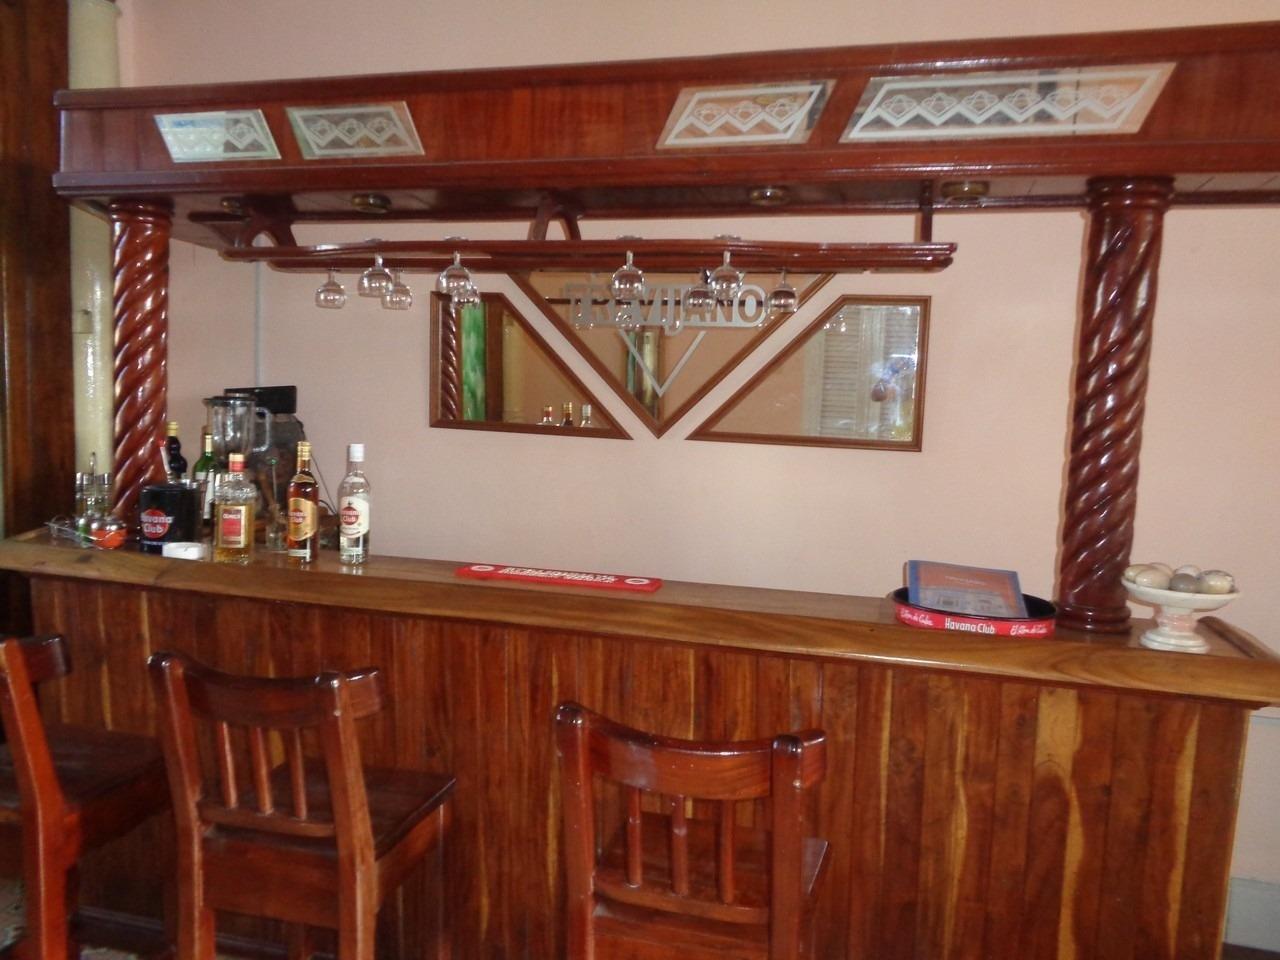 Hostal Trevijano Appartement 1 Ferienwohnung in Mittelamerika und Karibik